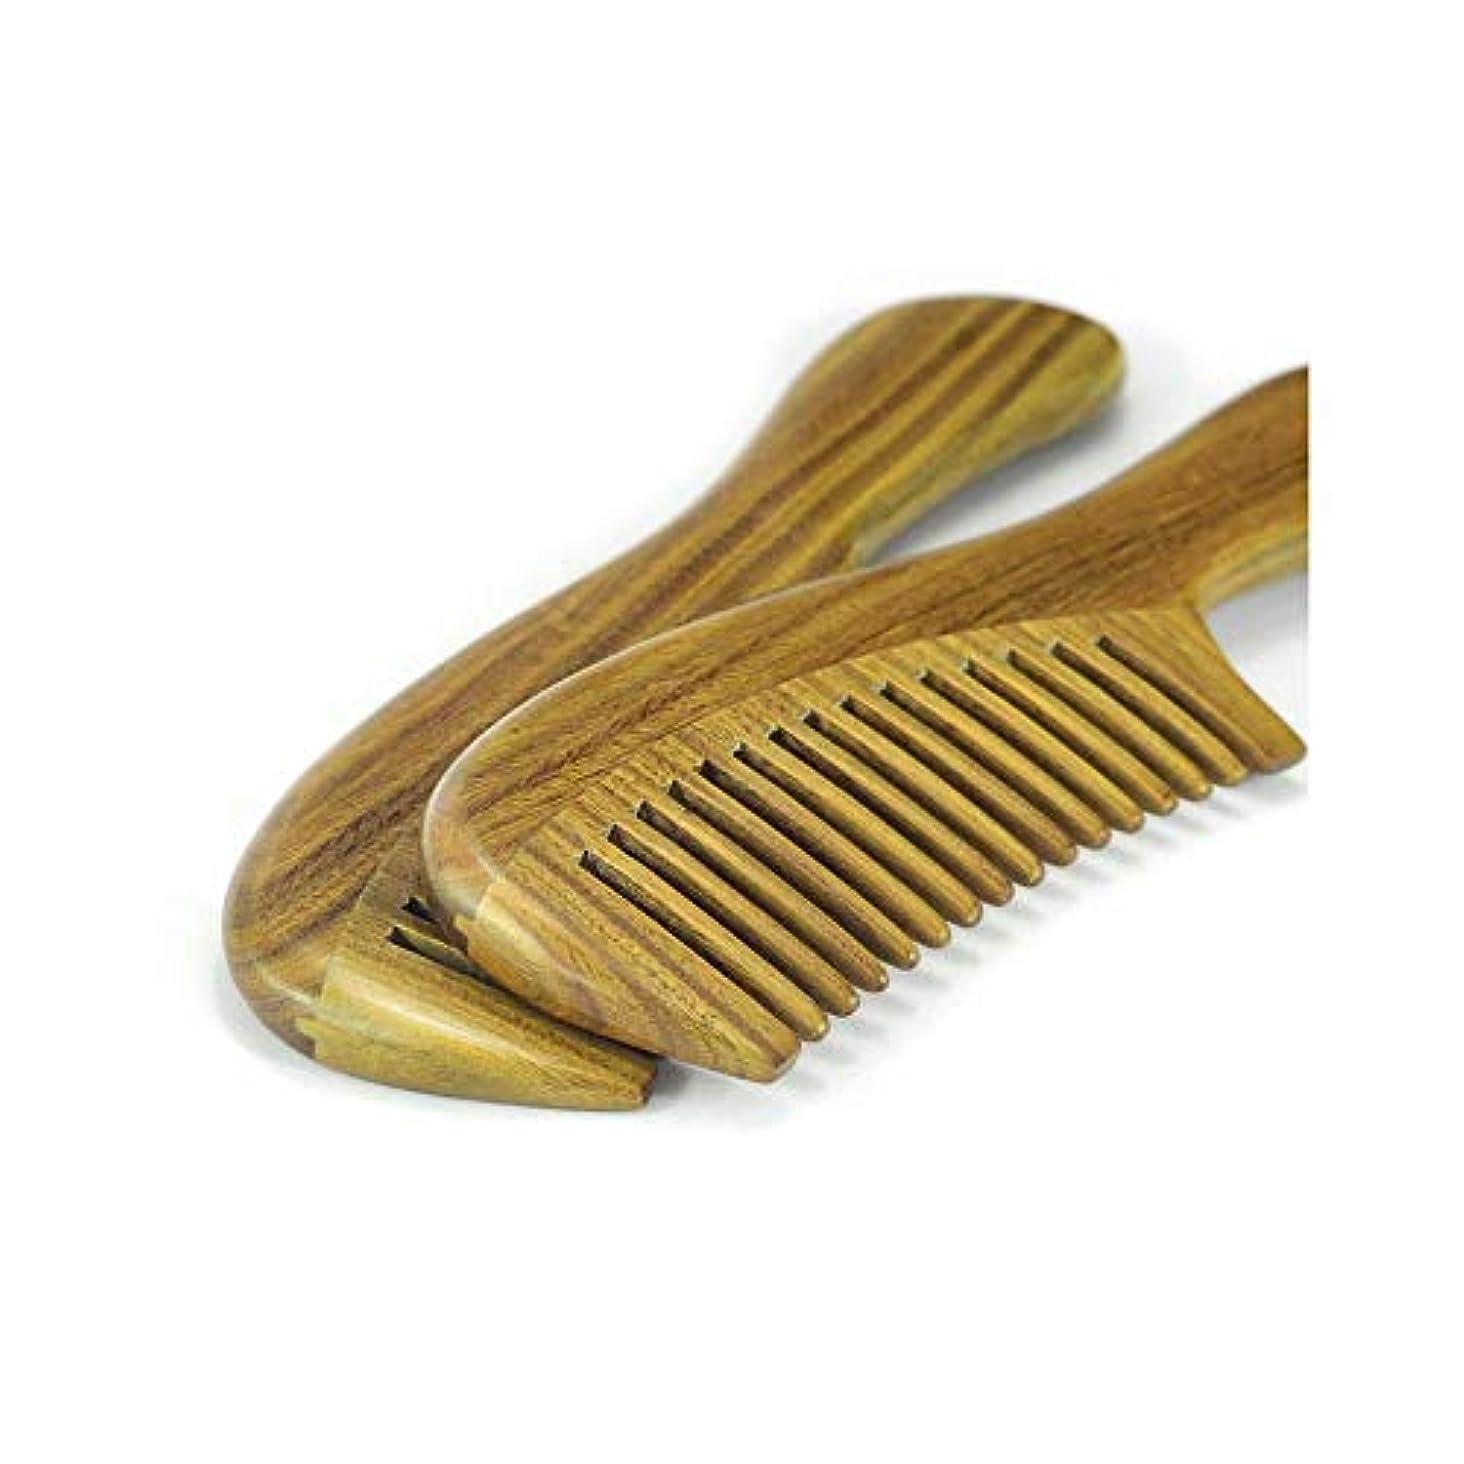 雄弁家ケーブルカーぜいたくFashianナチュラルグリーンサンダルウッド木製のもつれ解除はありません静的ヘアコーム(標準歯形、20センチメートル) ヘアケア